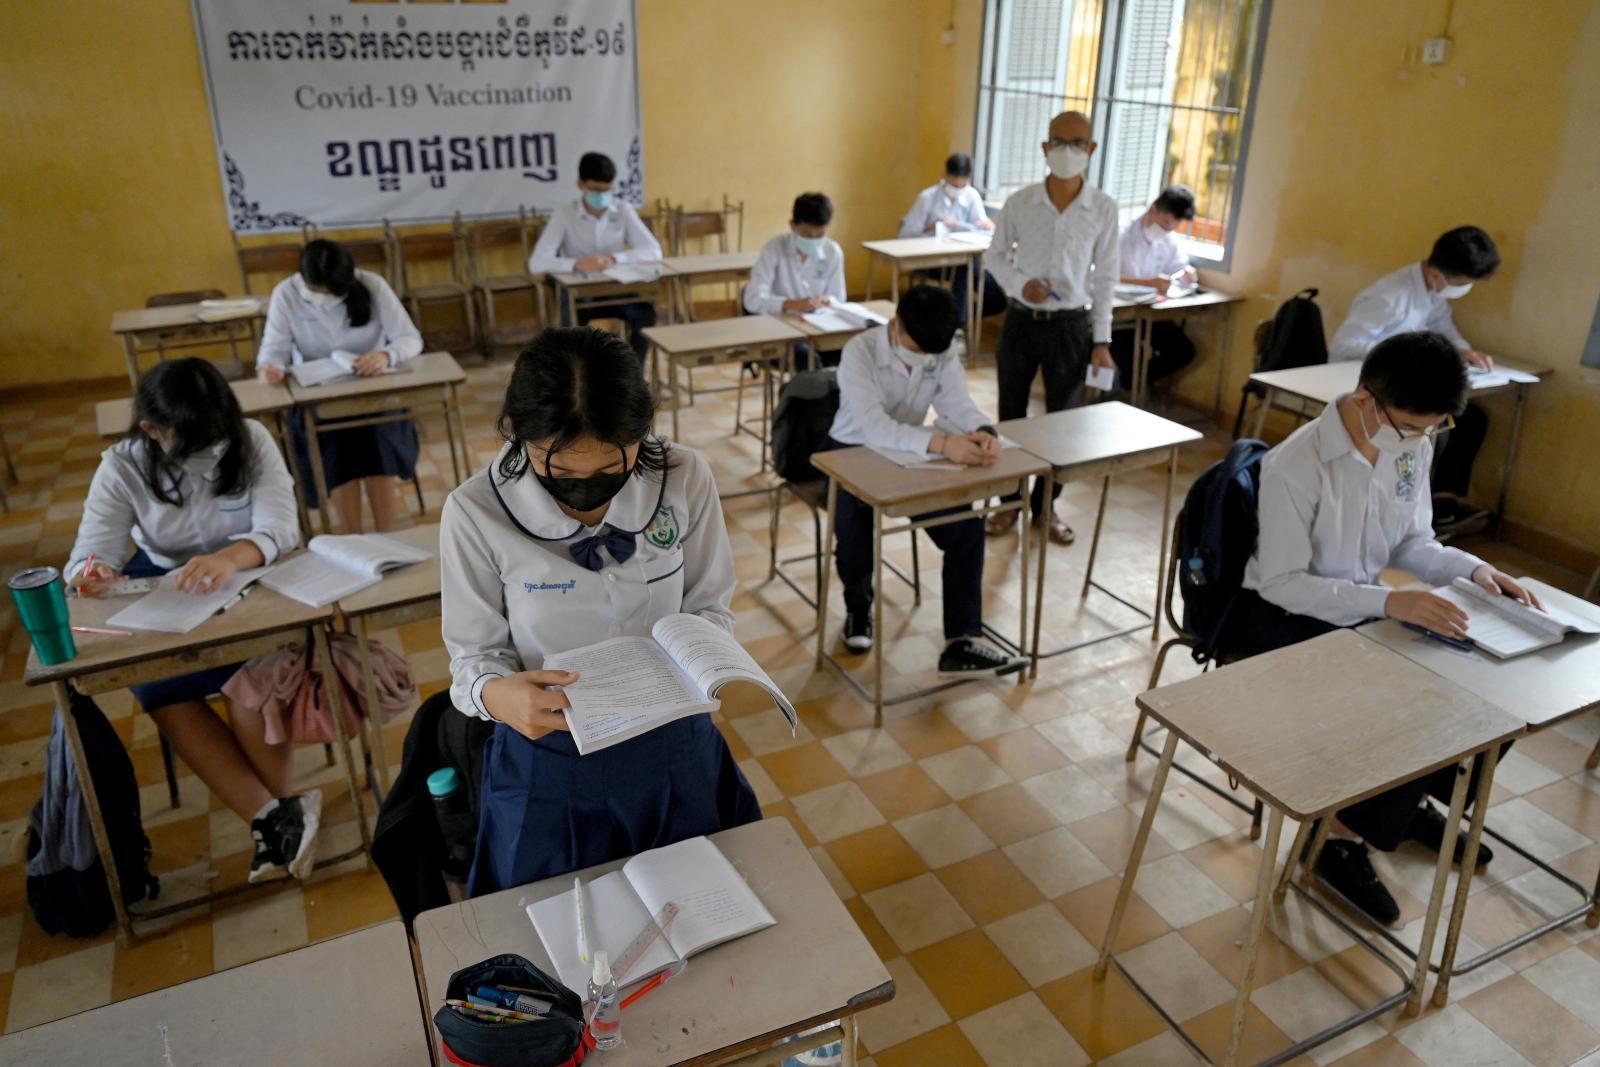 กัมพูชาเตรียมฉีดวัคซีนโควิดให้เด็ก 6-12 ปี หลังเปิดโรงเรียนมัธยมสำเร็จ